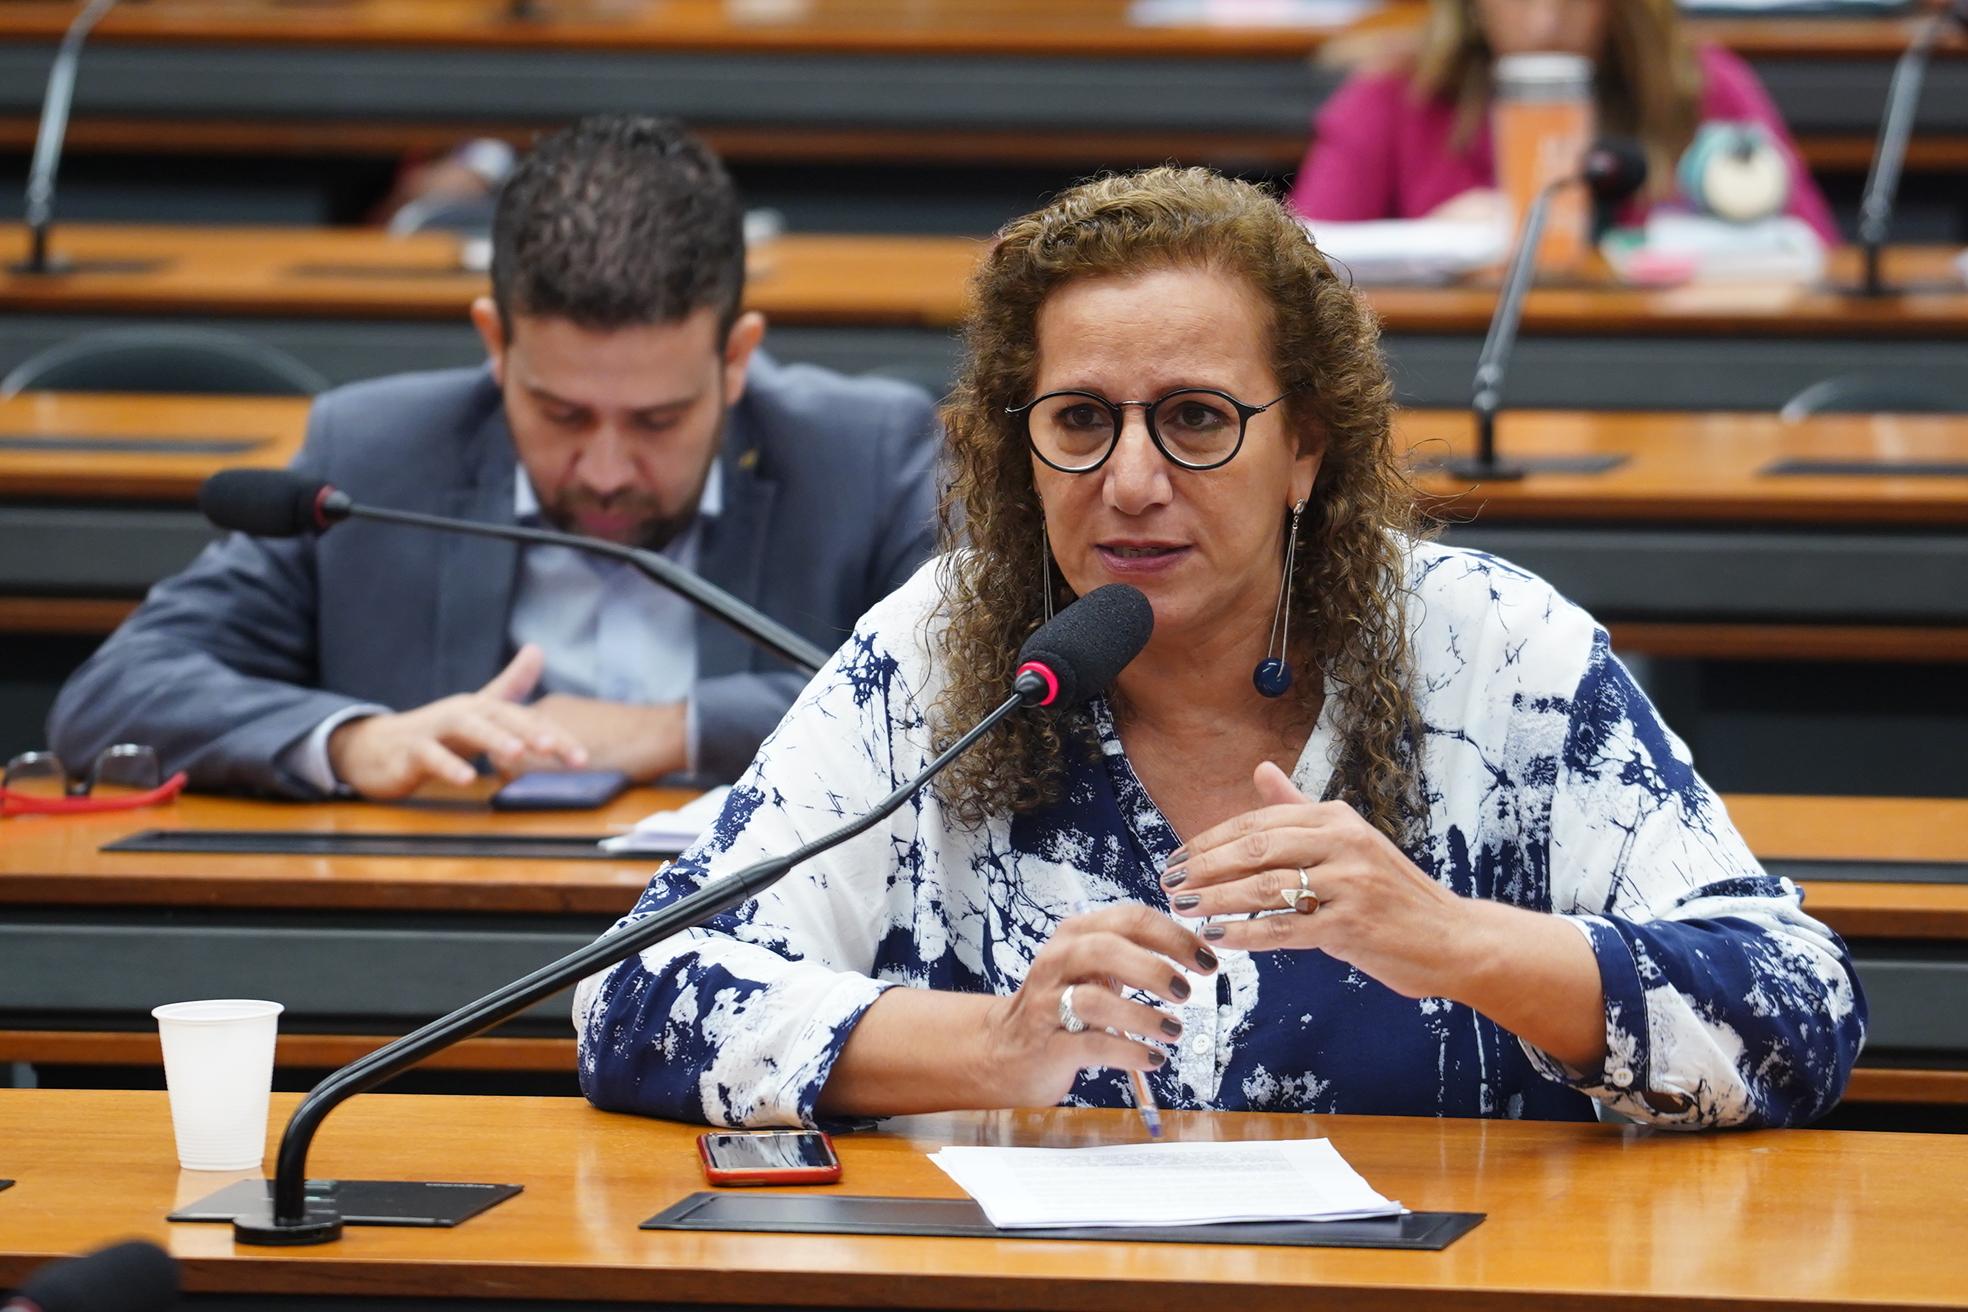 Reunião Ordinária para discussão e votação do parecer do relator, dep. Samuel Moreira (PSDB/SP). Dep. Jandira Feghali (PCdoB-RJ)